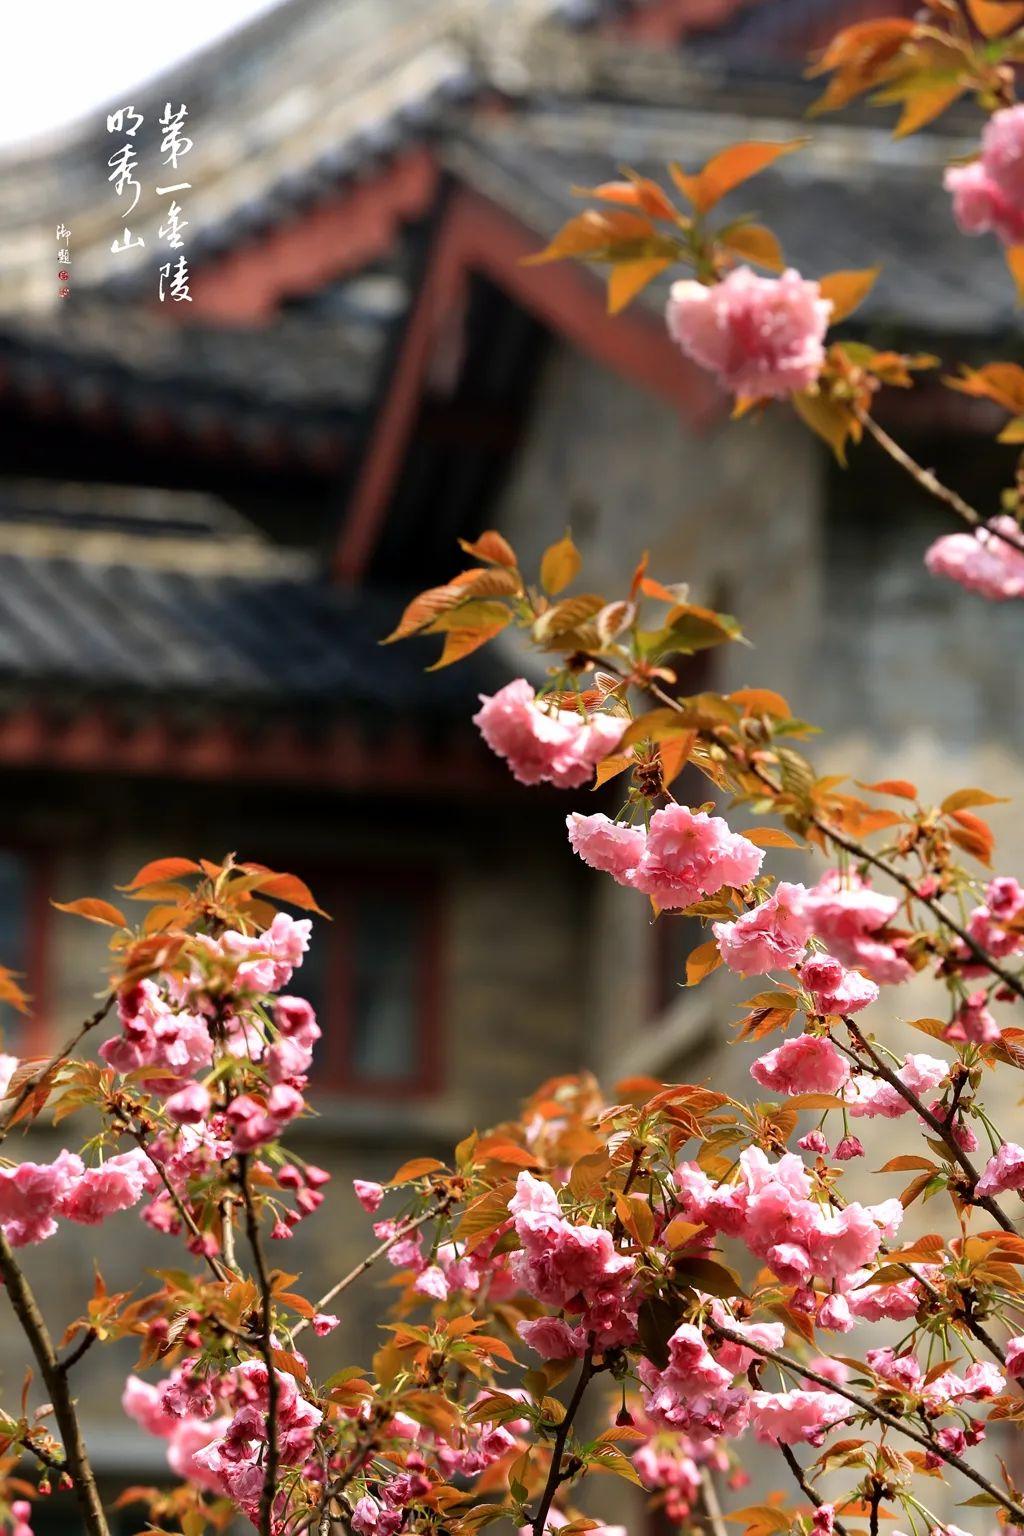 是心动啊!栖霞山的春色躲不掉